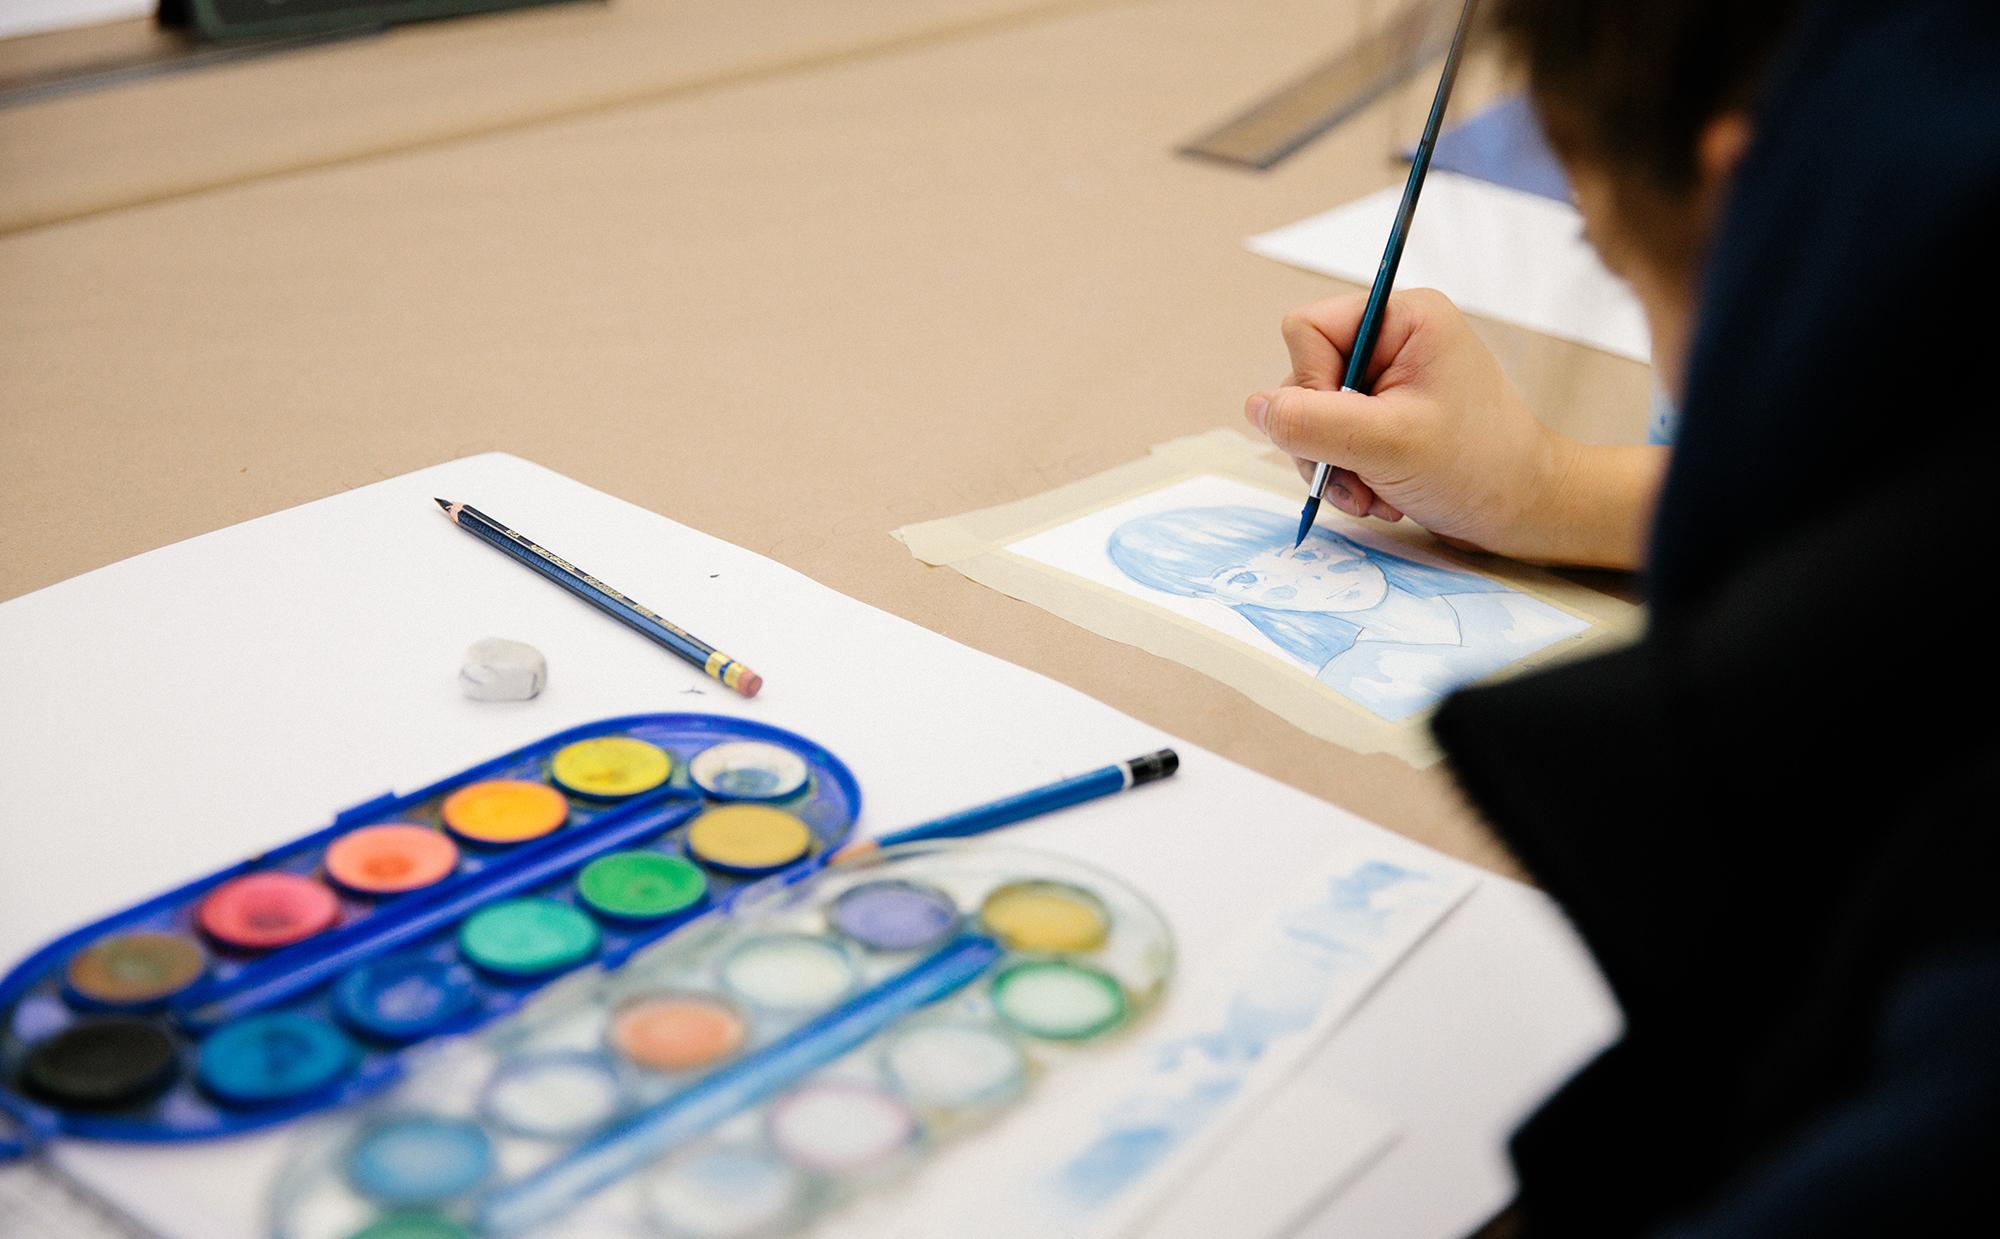 Prospera Artful Programs